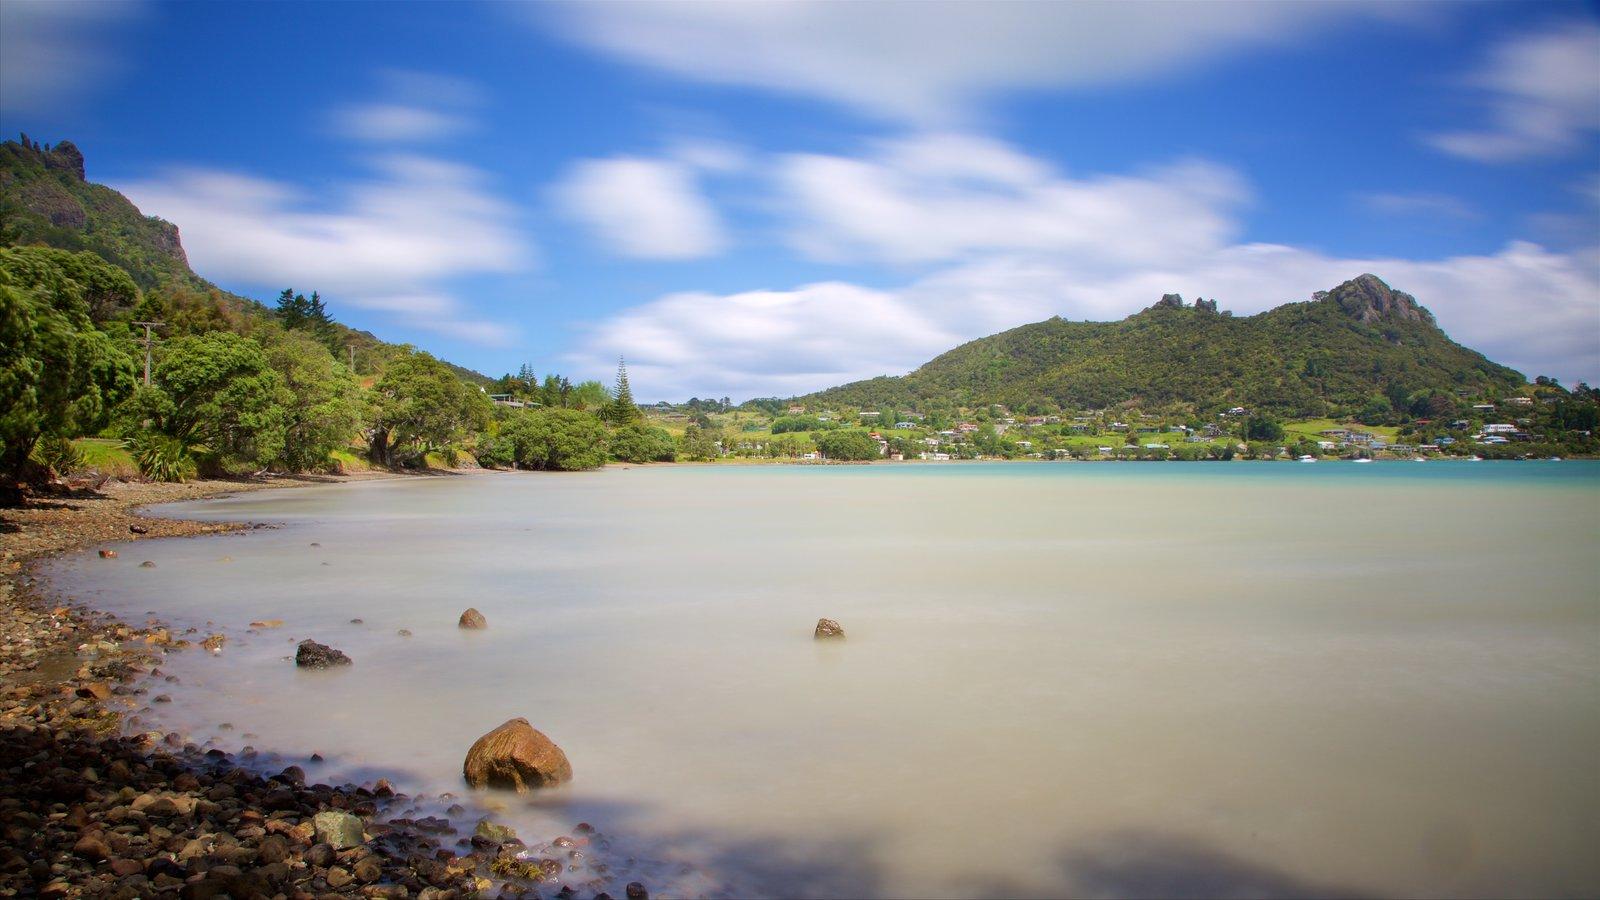 Whangarei ofreciendo una playa de guijarros y una bahía o puerto